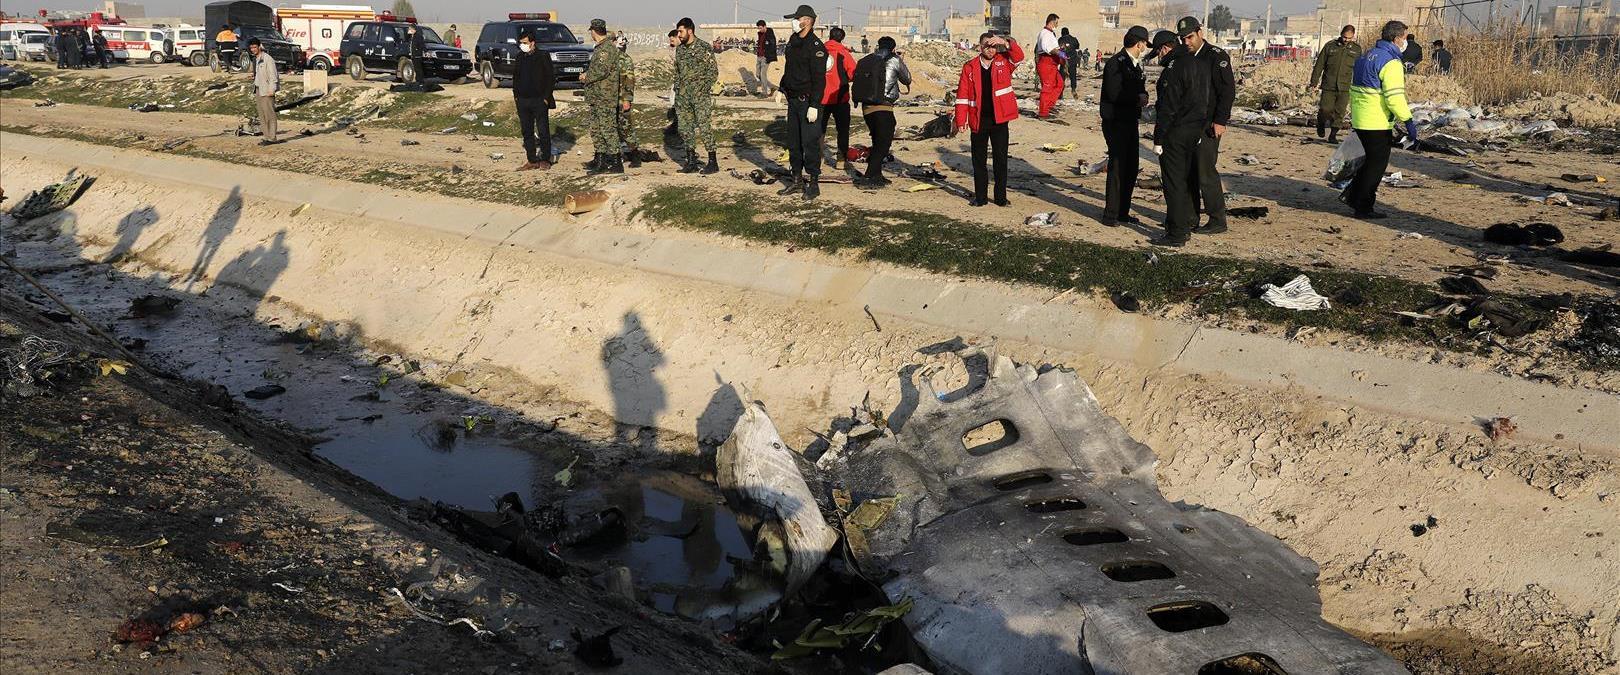 שרידי המטוס האוקראיני